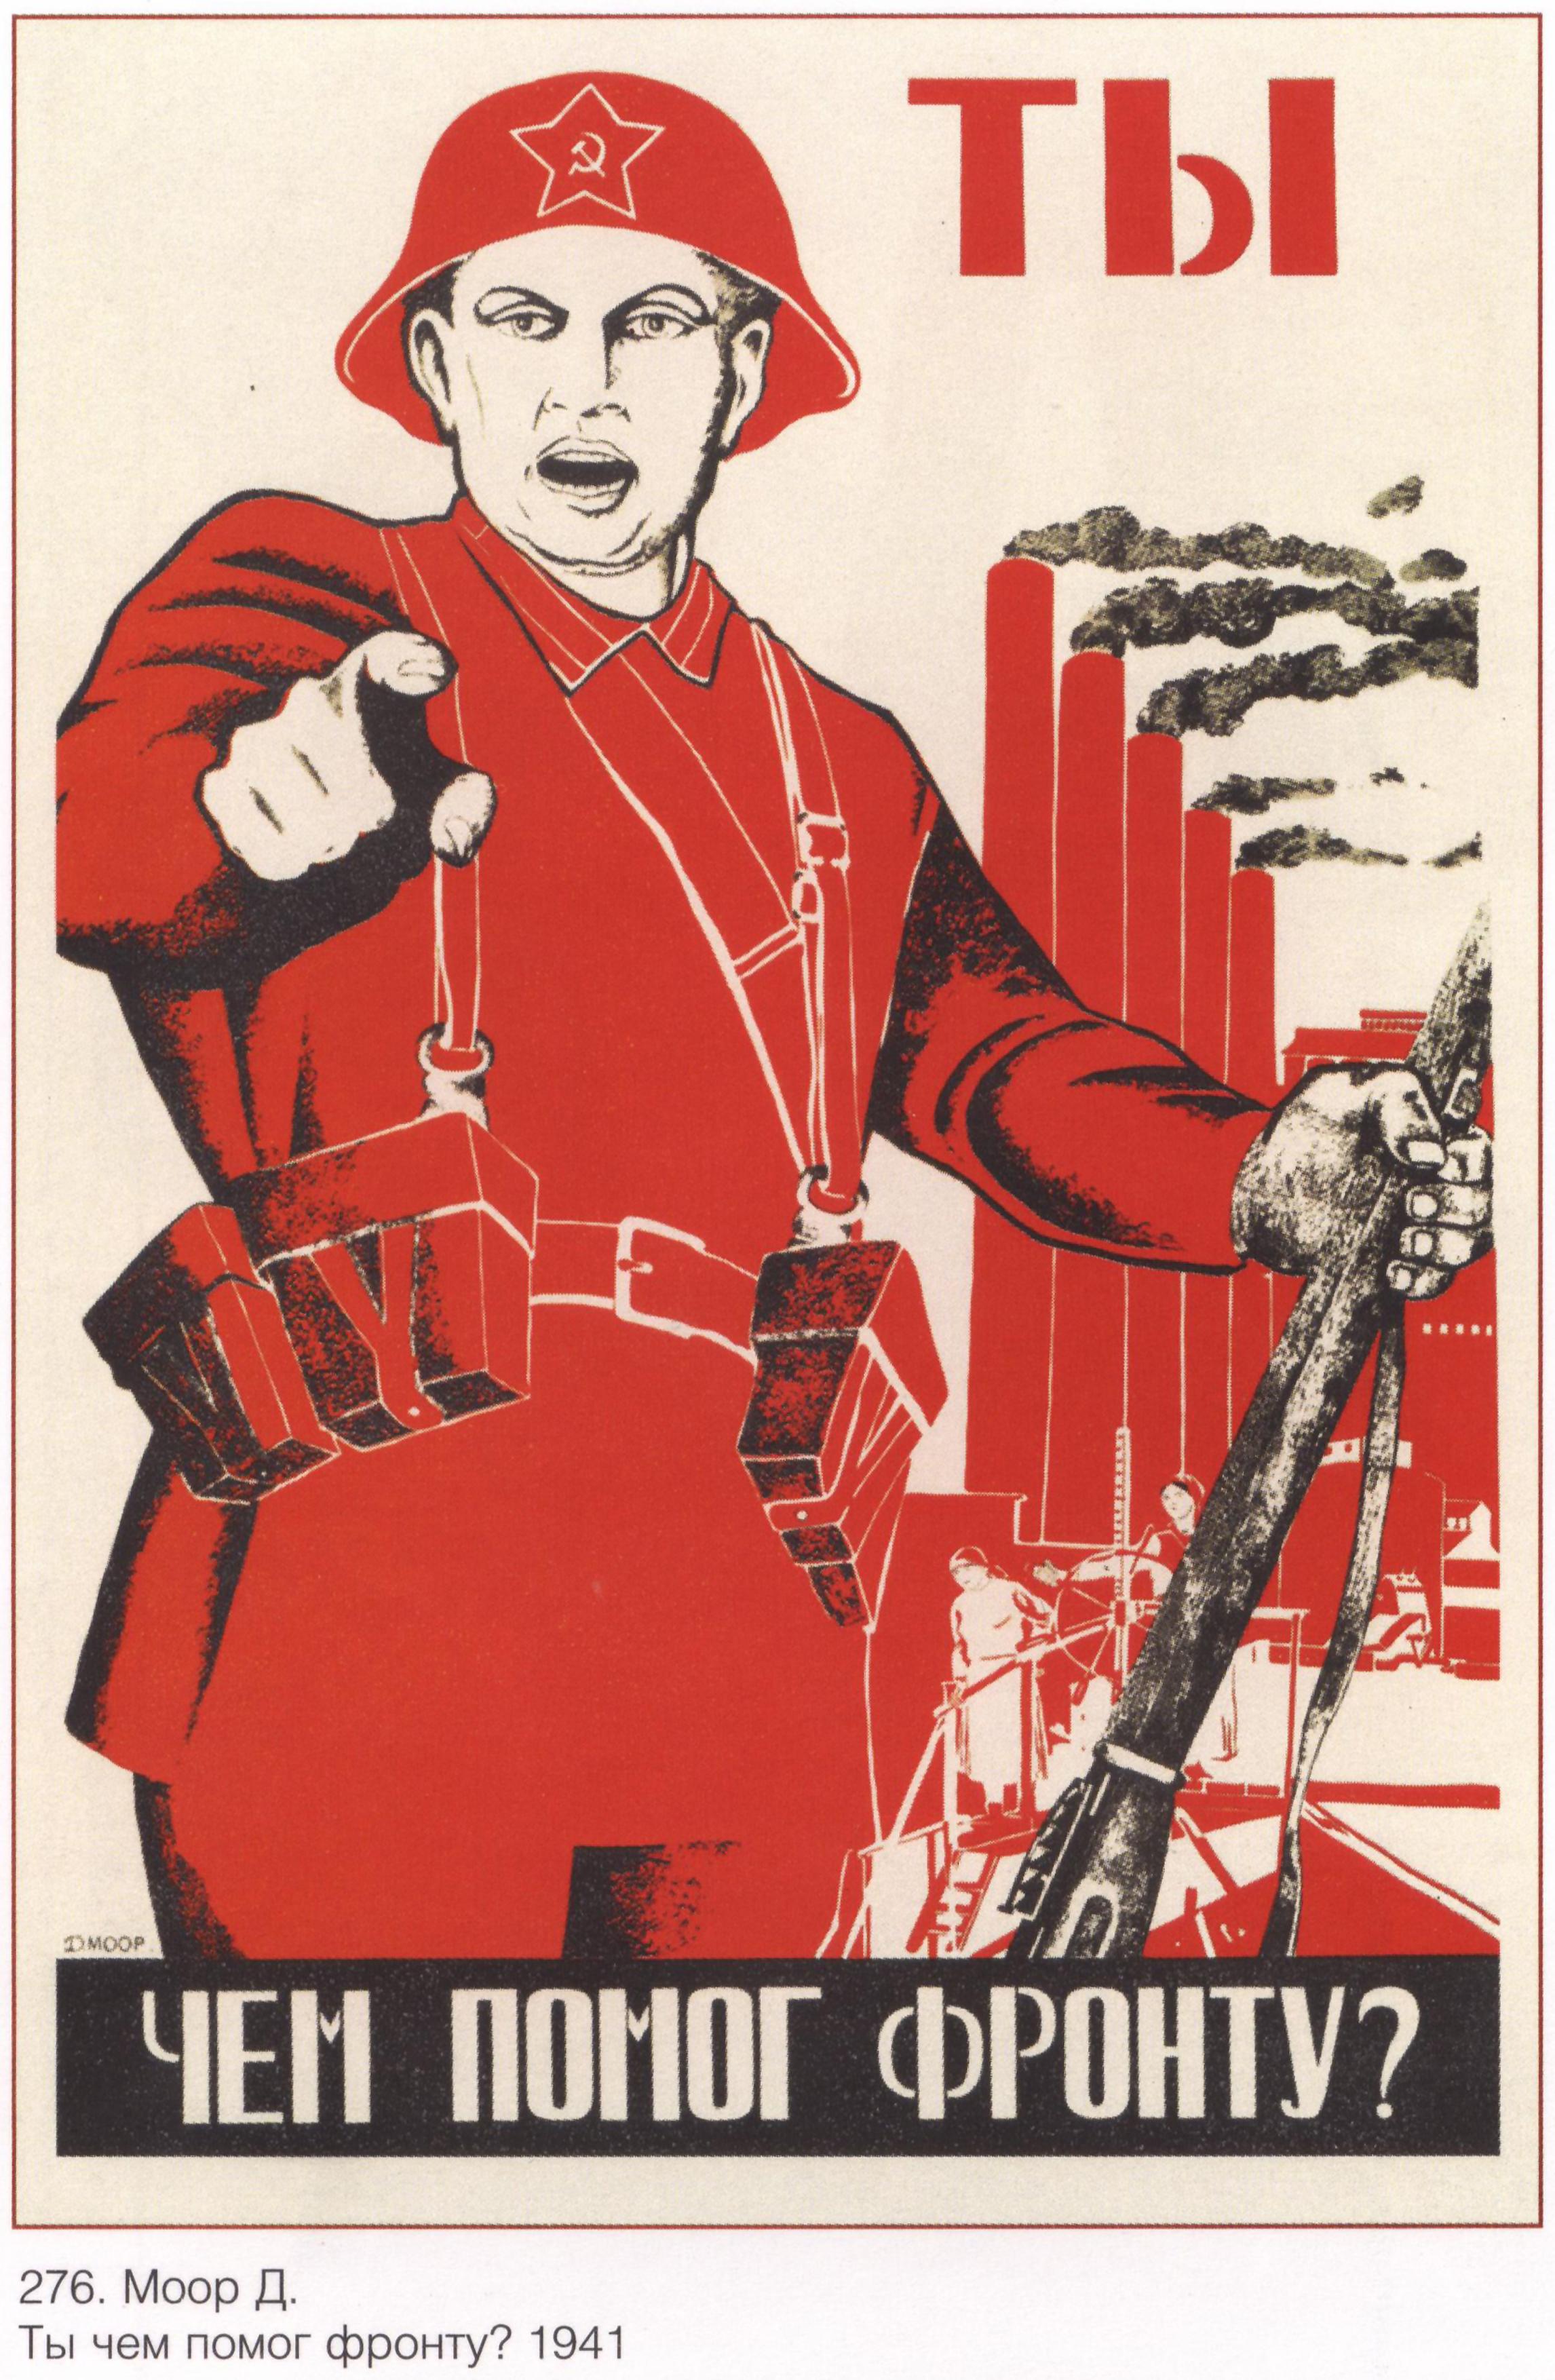 картинки советские с призывами инфраструктура дороги